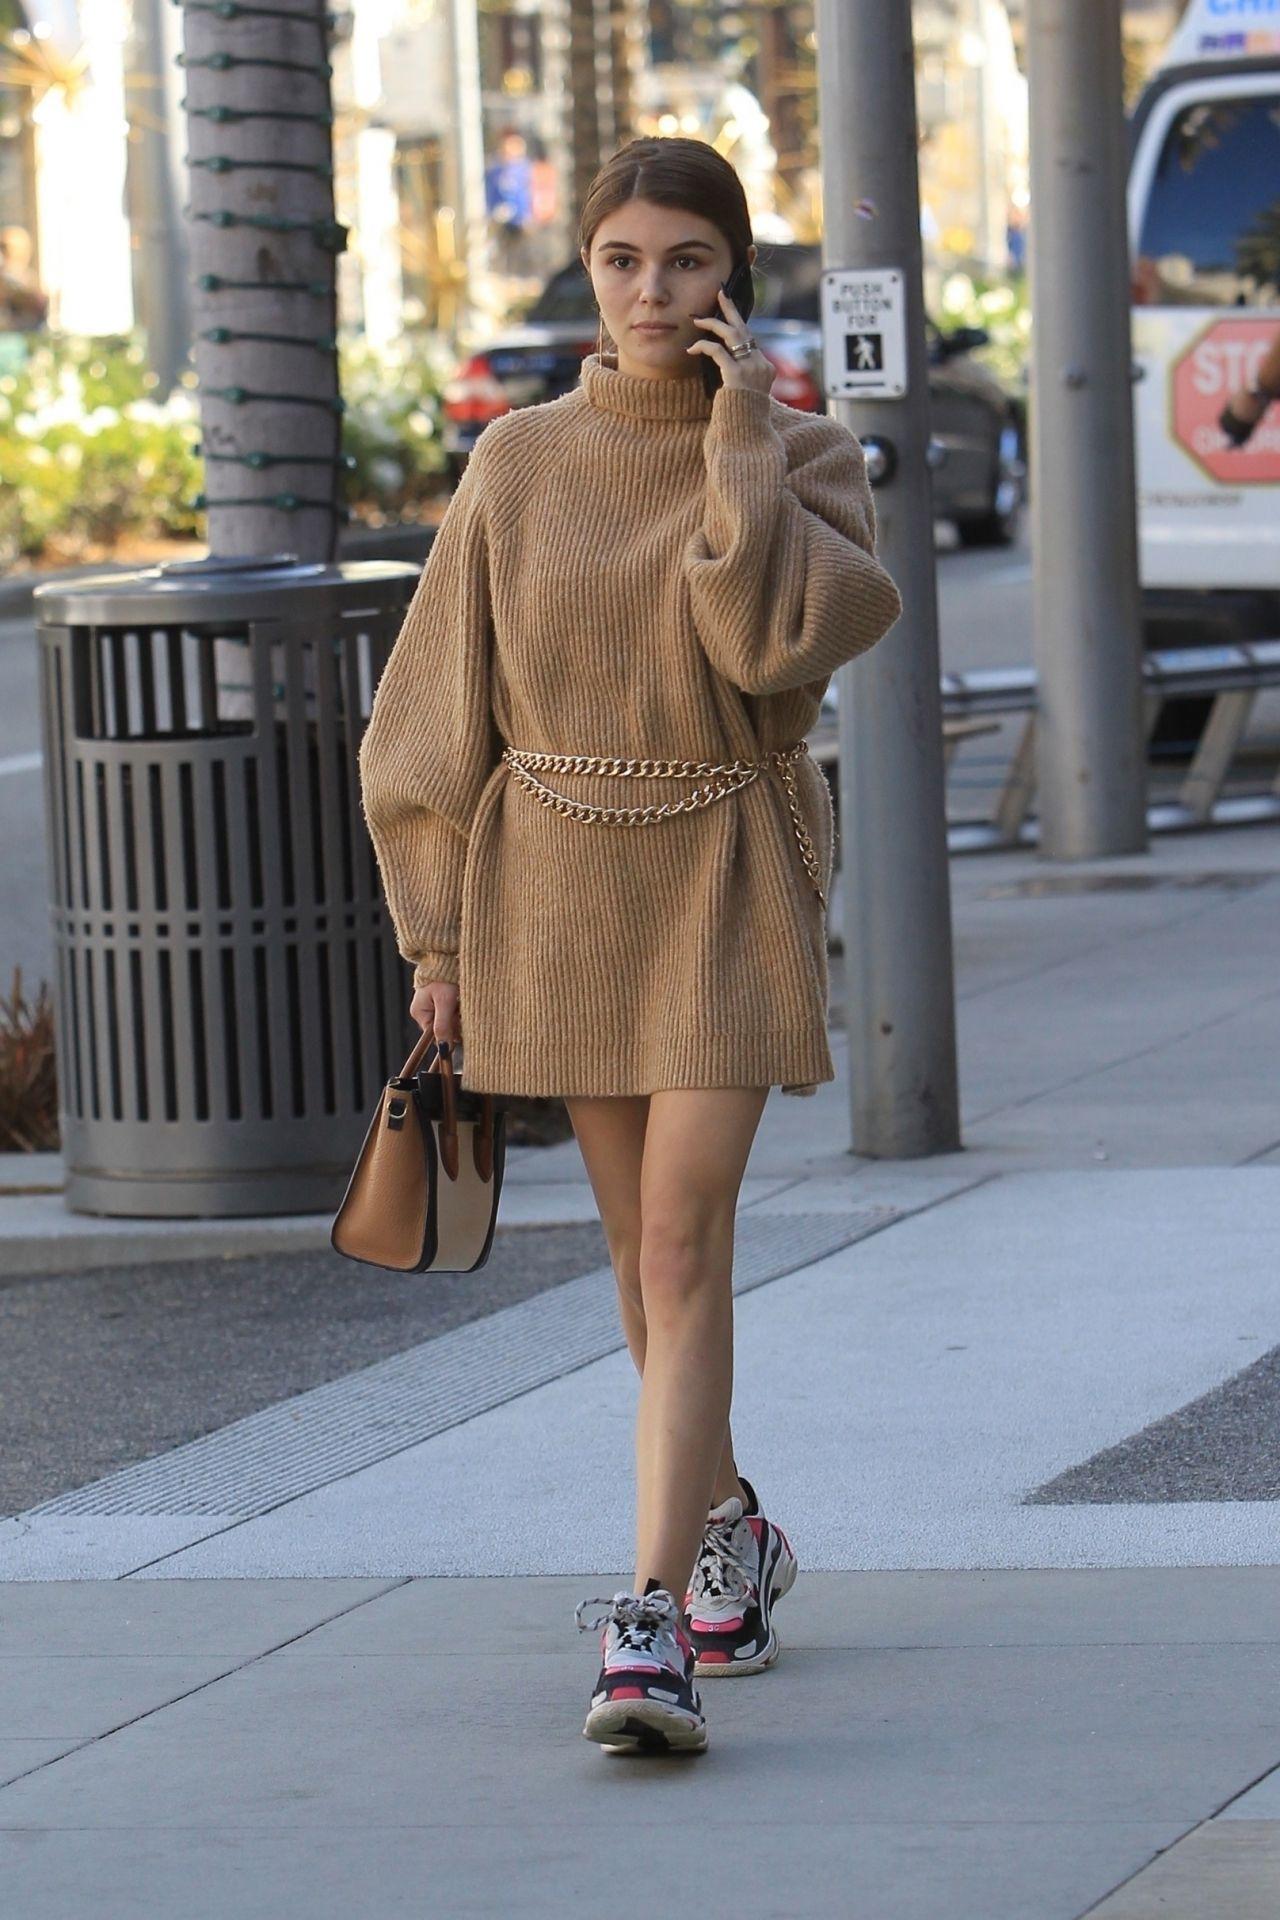 Olivia Jade Giannulli Street Style 12 21 2018